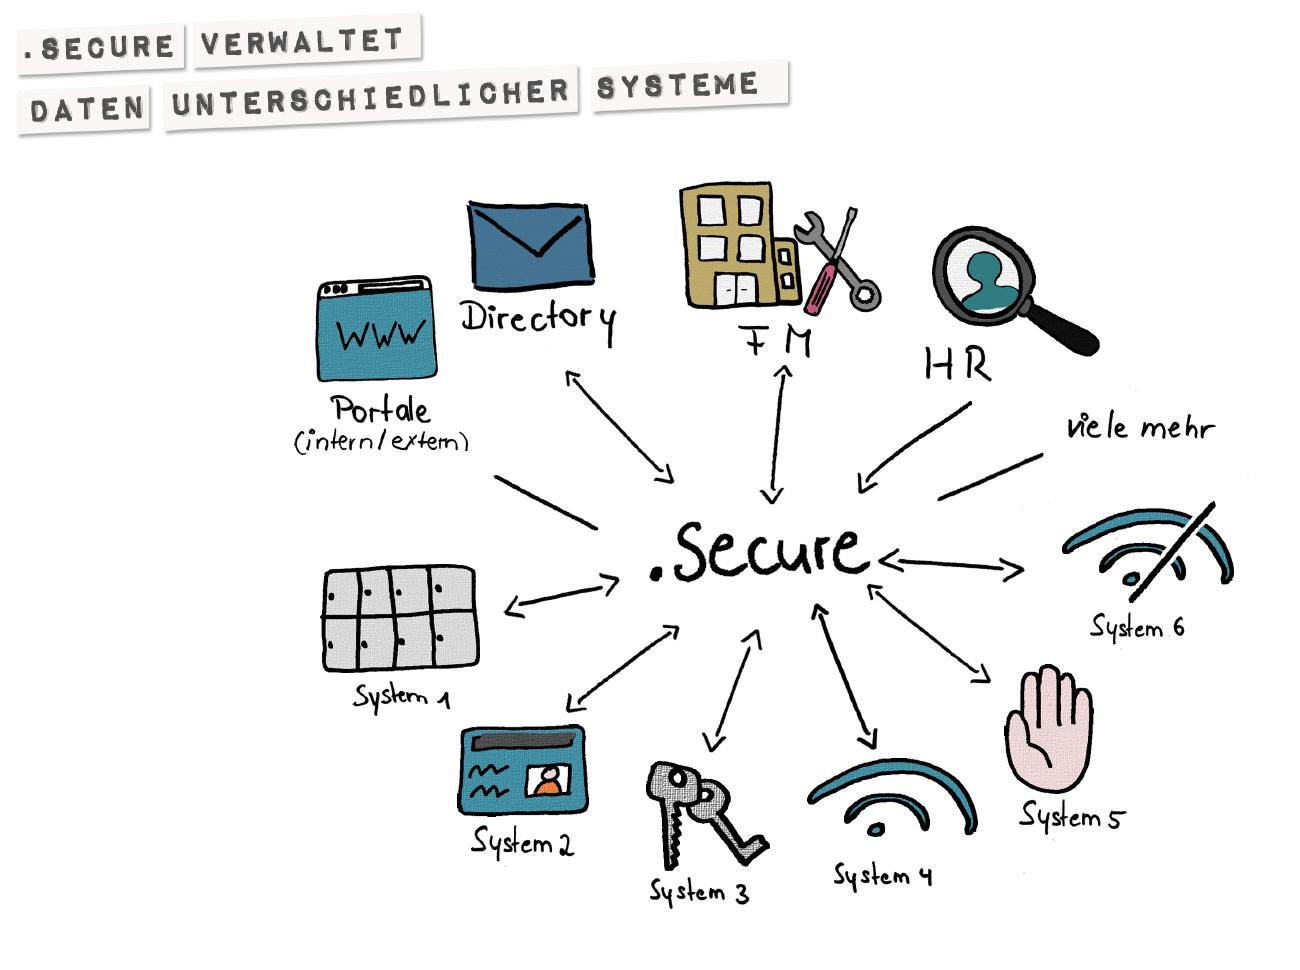 .secure verwaltet Daten unterschiedlicher Systeme